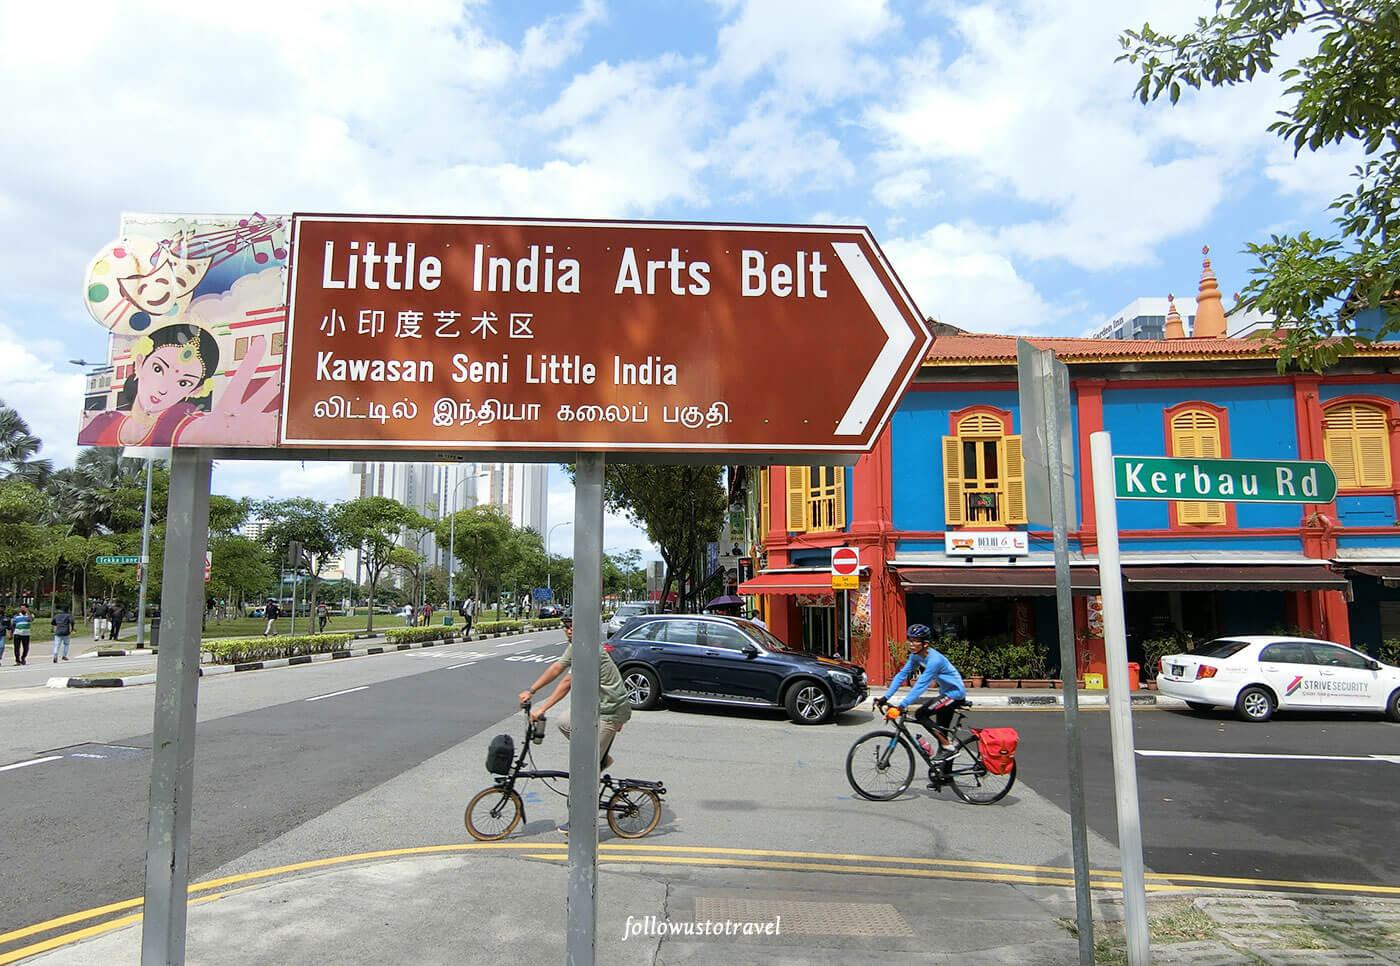 小印度艺术区